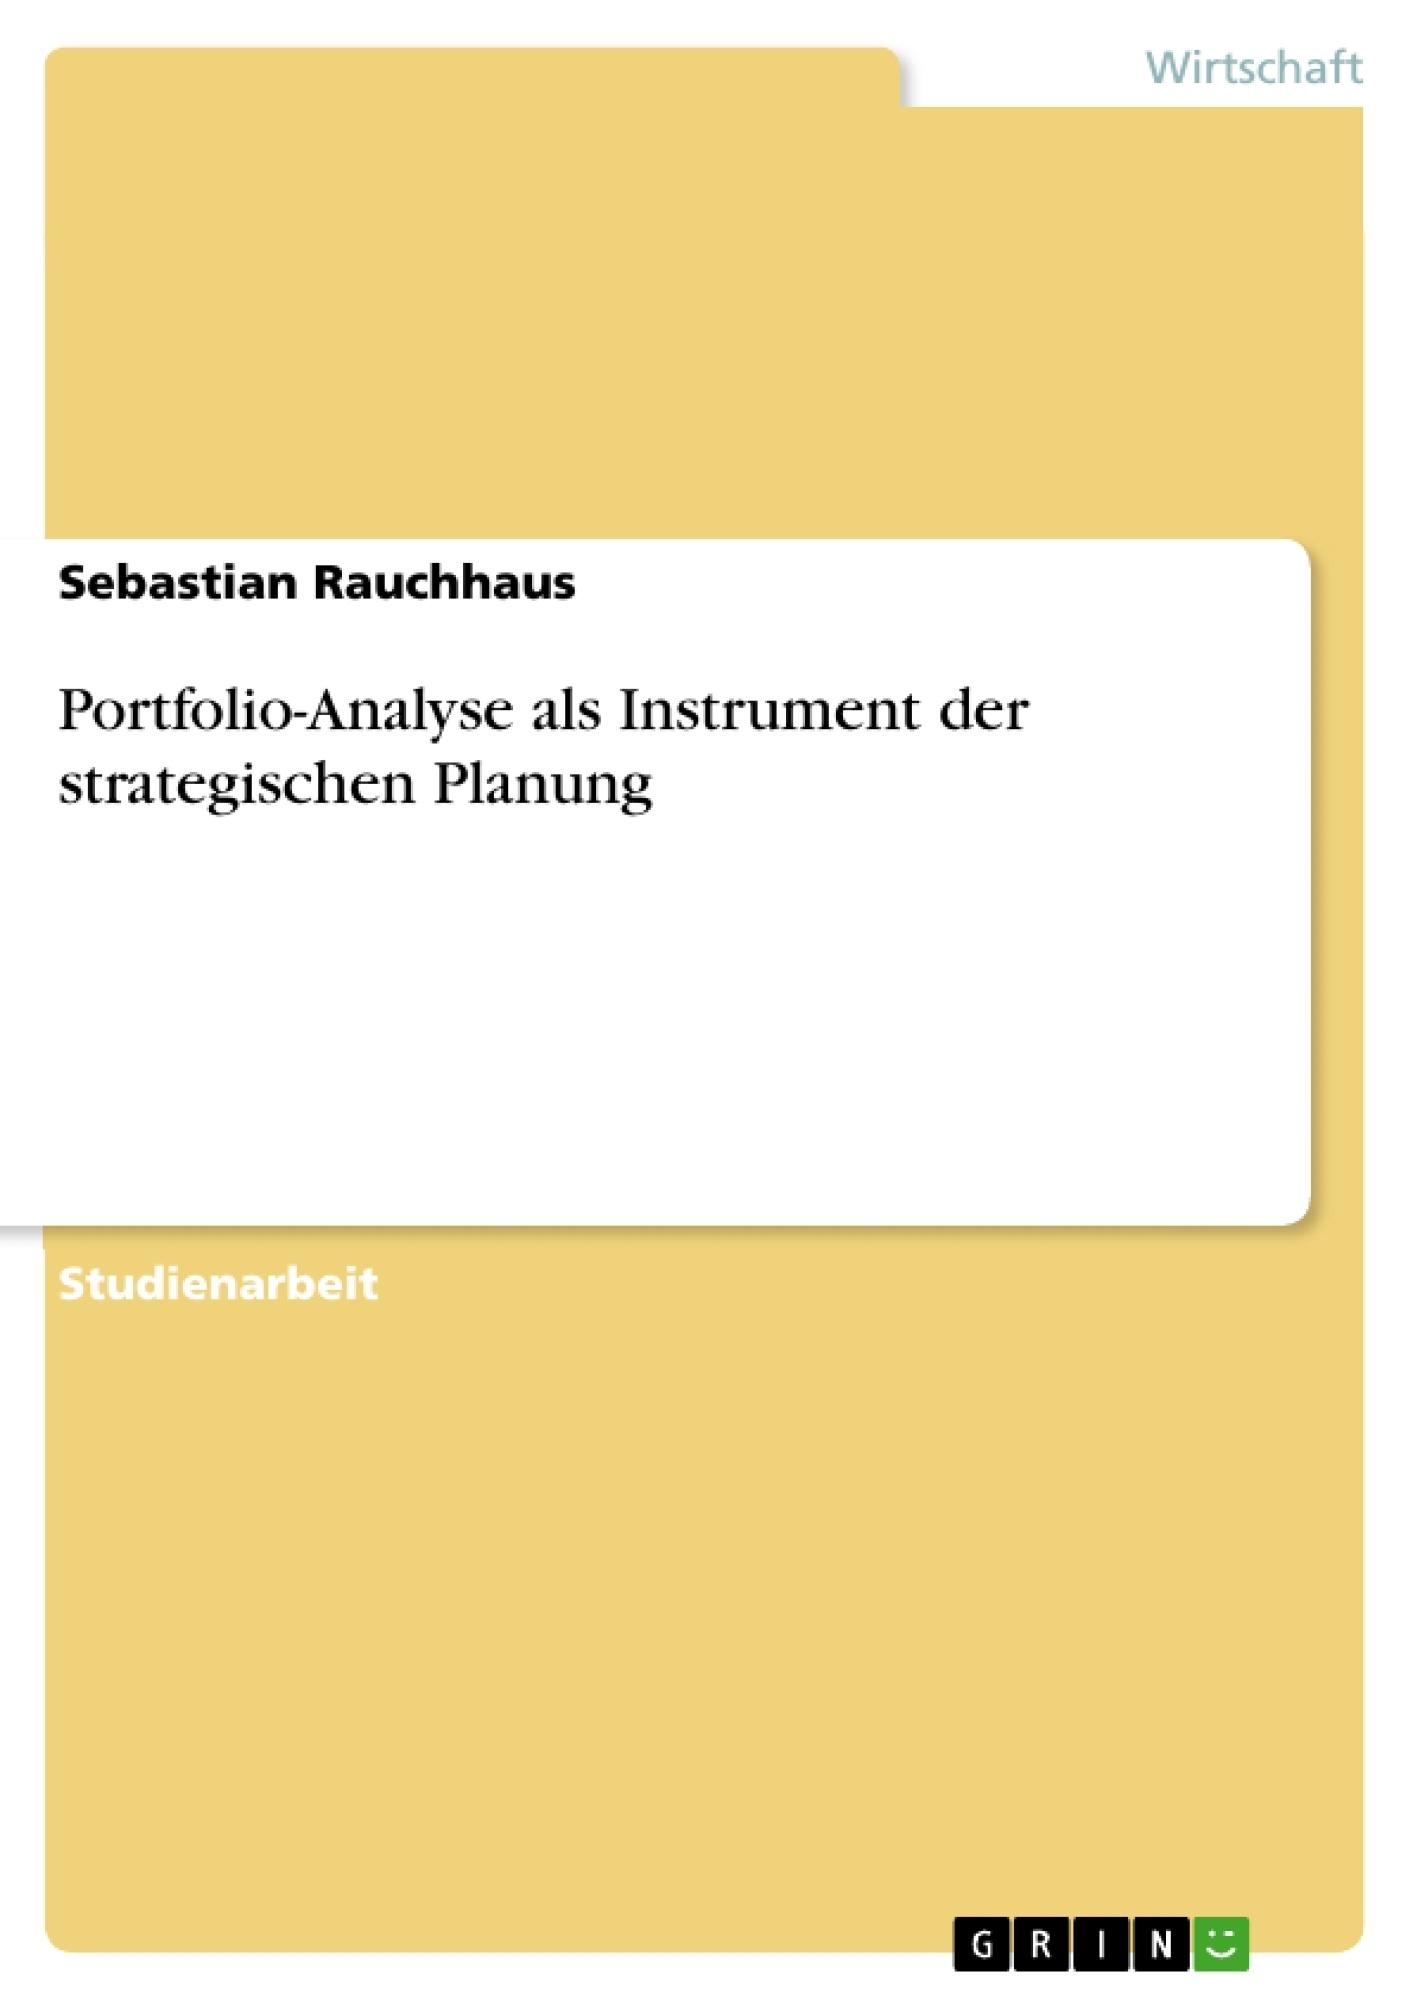 Titel: Portfolio-Analyse als Instrument der strategischen Planung